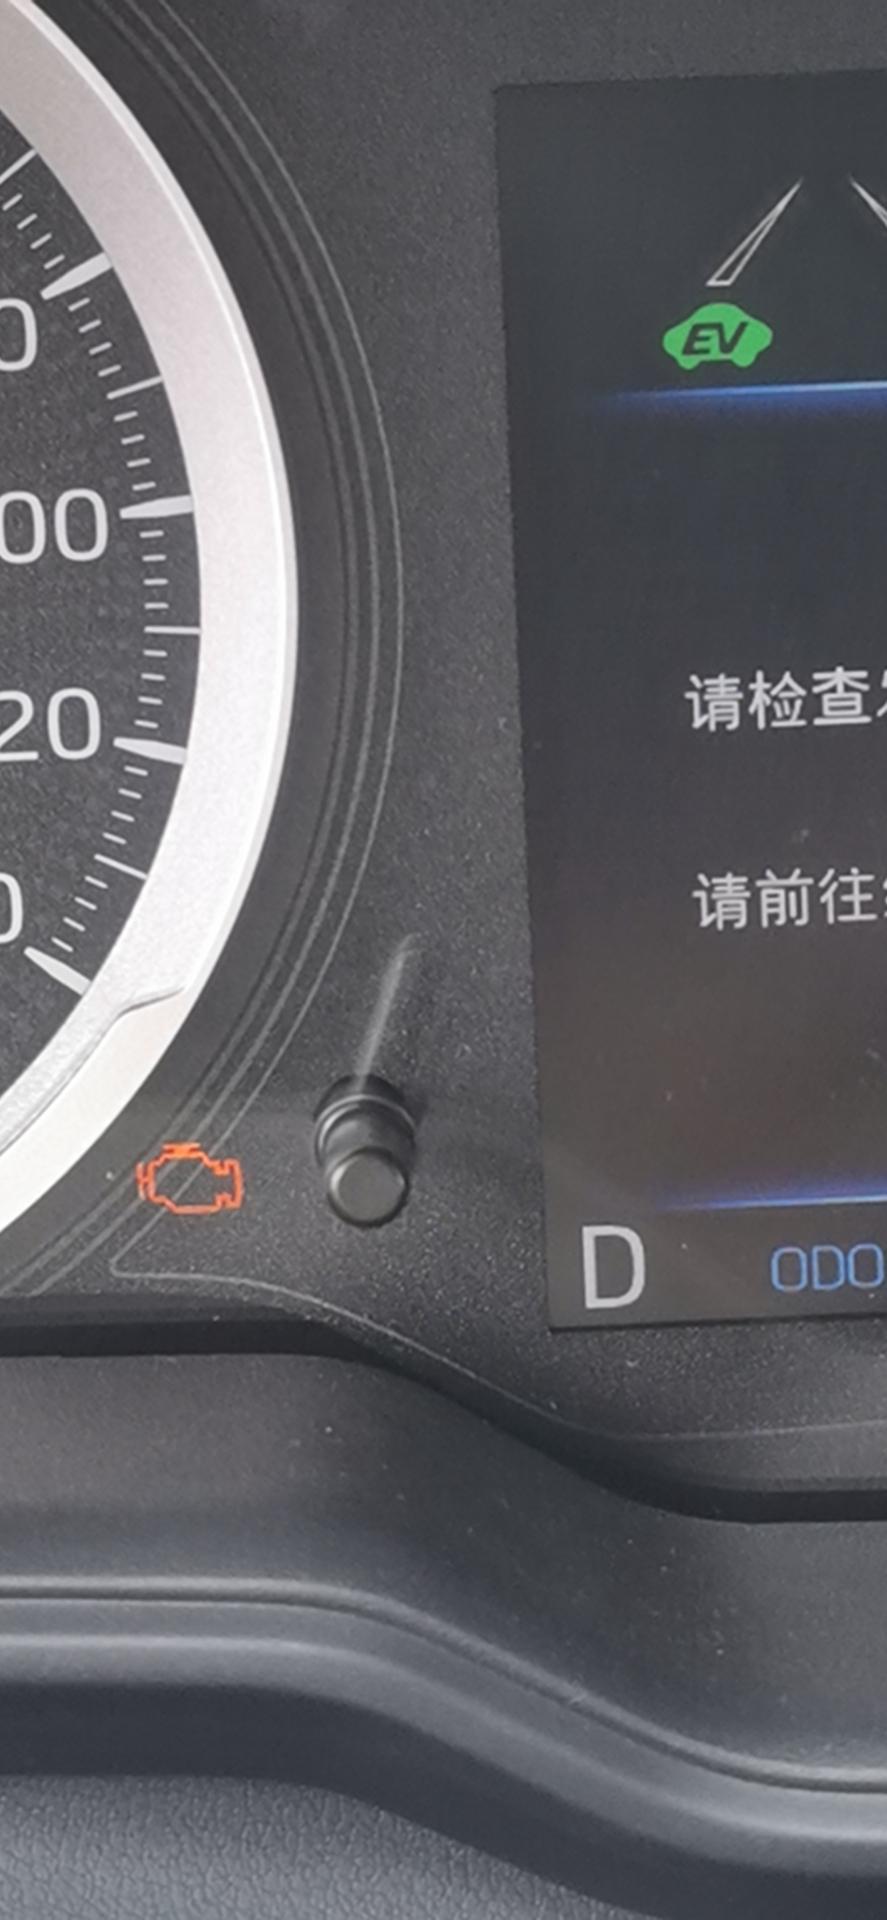 丰田-雷凌双擎E,刚提车加满油,发动机出现故障灯。